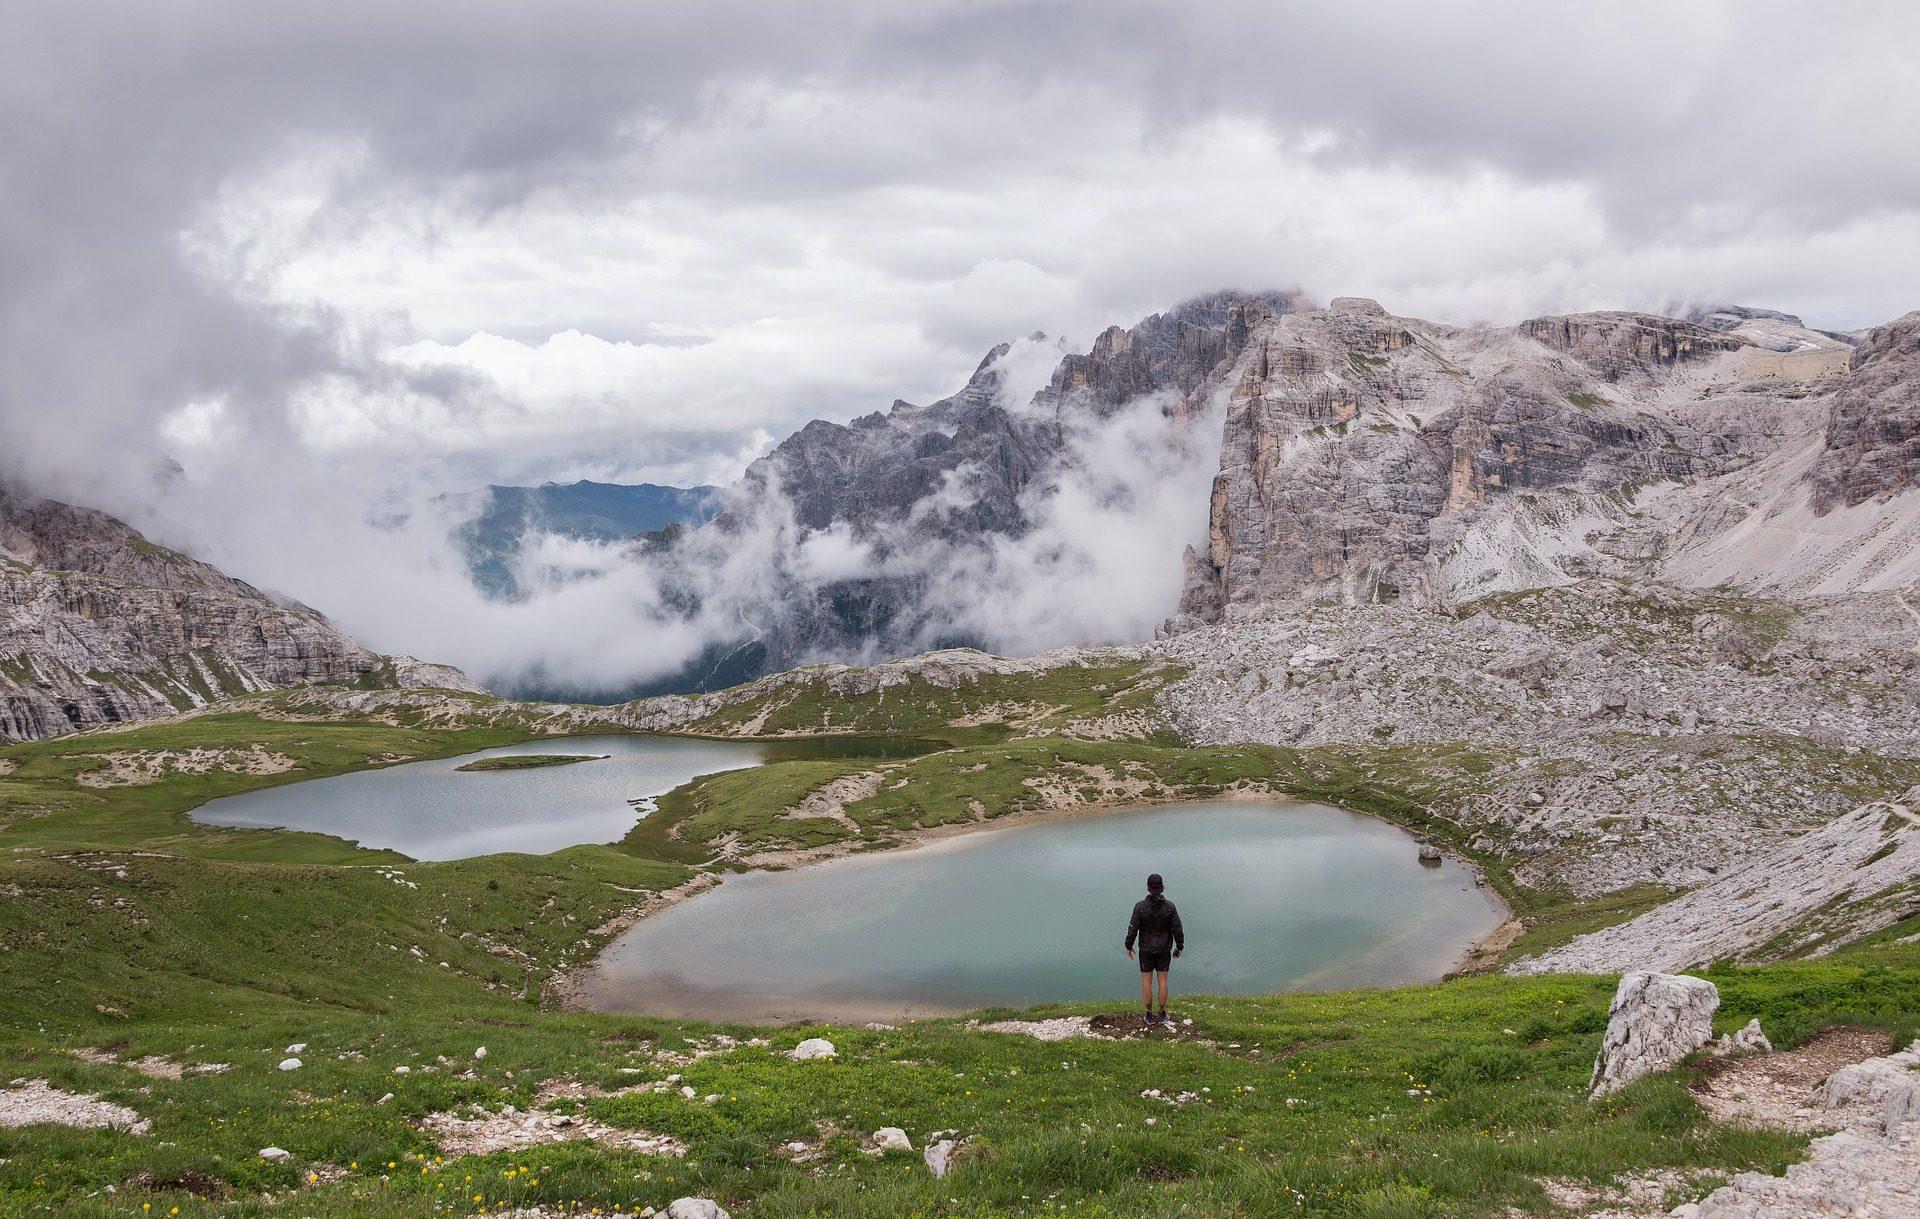 湖, モンタナス, 雲, 高さ, 男, ハイカー - HD の壁紙 - 教授-falken.com